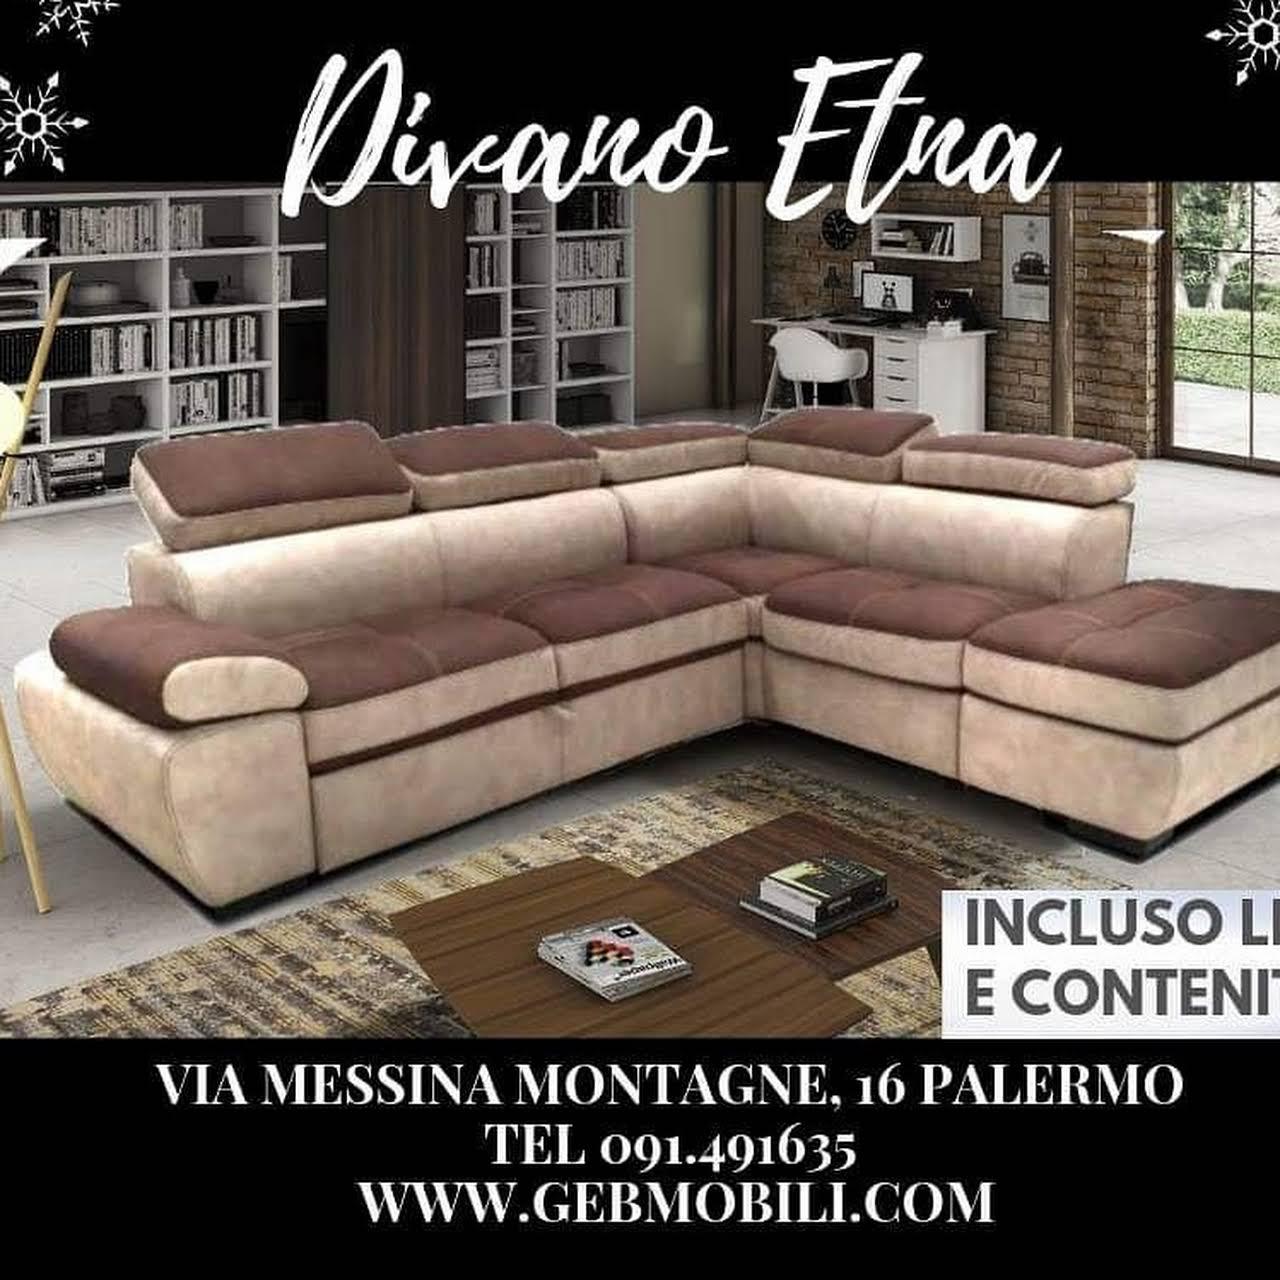 G&B Ingrosso Mobili Palermo - Ingrosso e Dettaglio mobili per interni